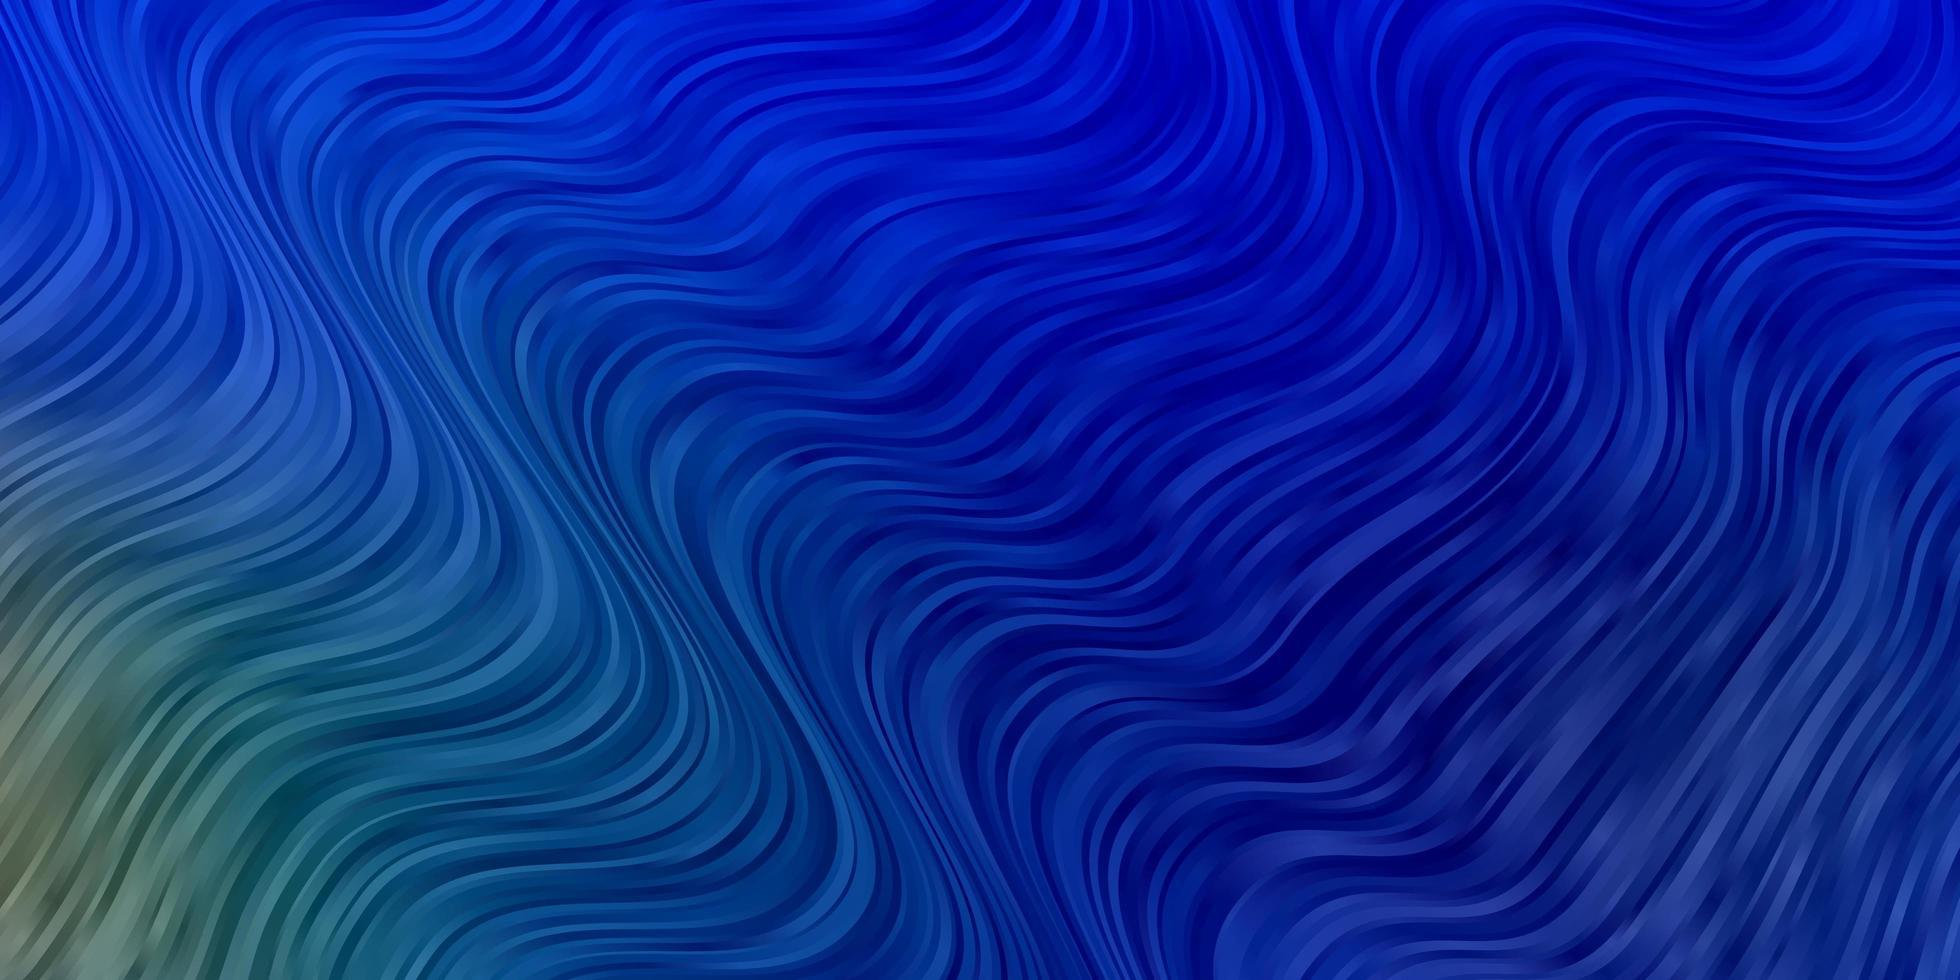 ljusblått, gult mönster med sneda linjer vektor